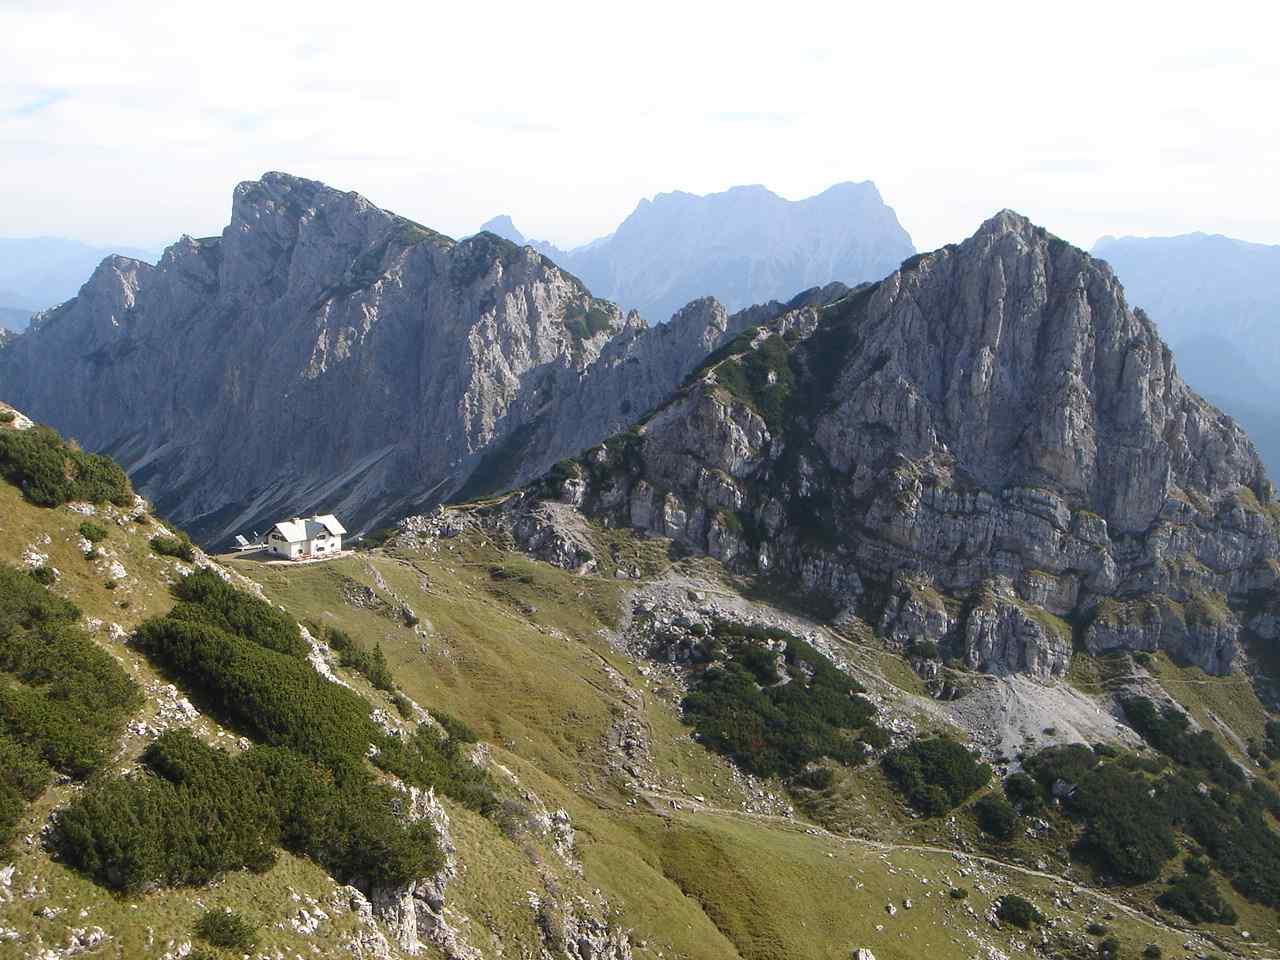 Foto: Manfred Karl / Wander Tour / Grabnerstein - Gipfelrunde / Grabnerstein, Admonter Haus, Admonter Warte. / 18.05.2007 14:49:44